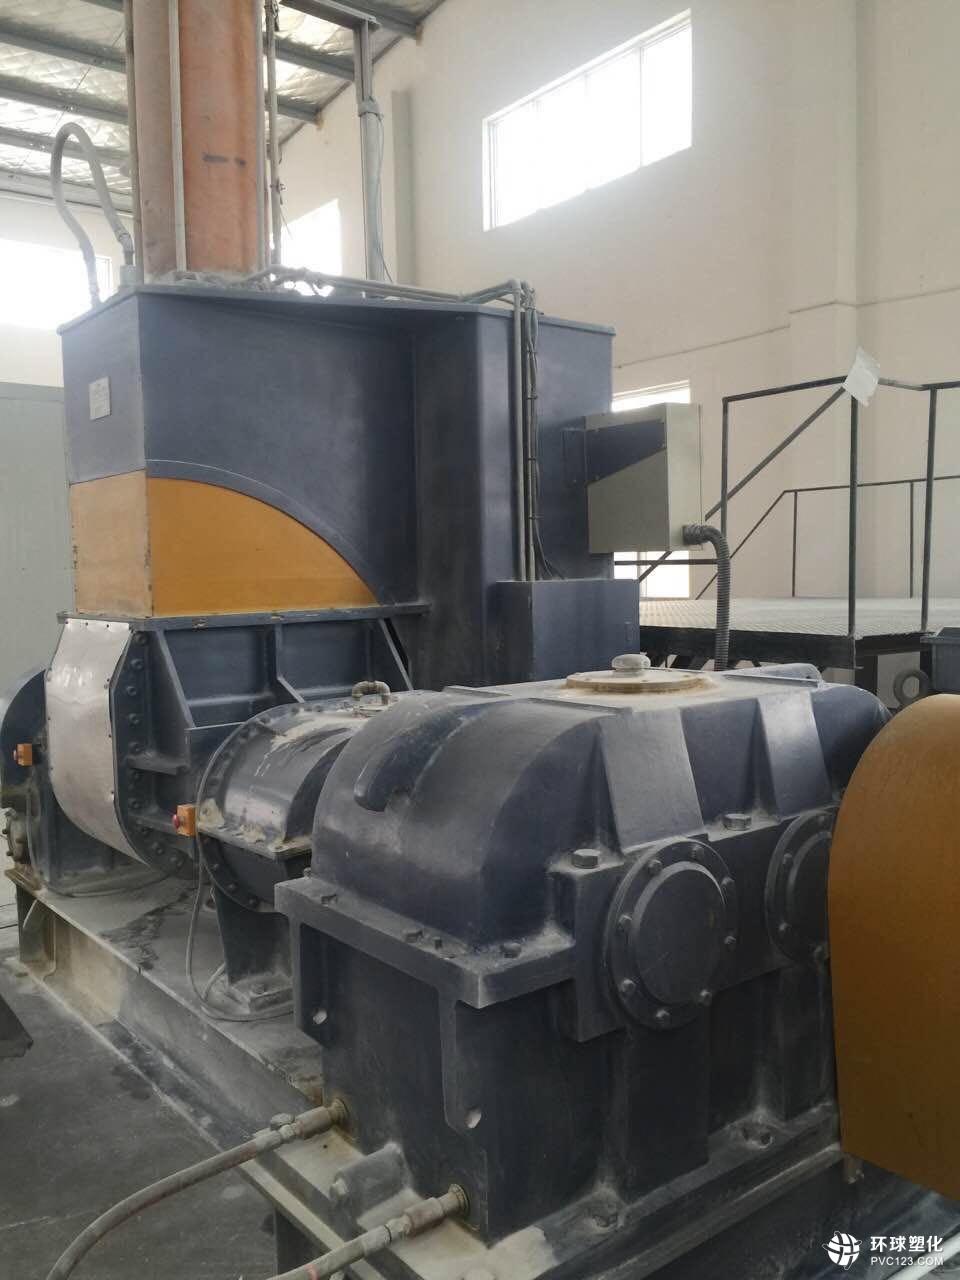 沧州回收挤出机 沧州回收滤胶机